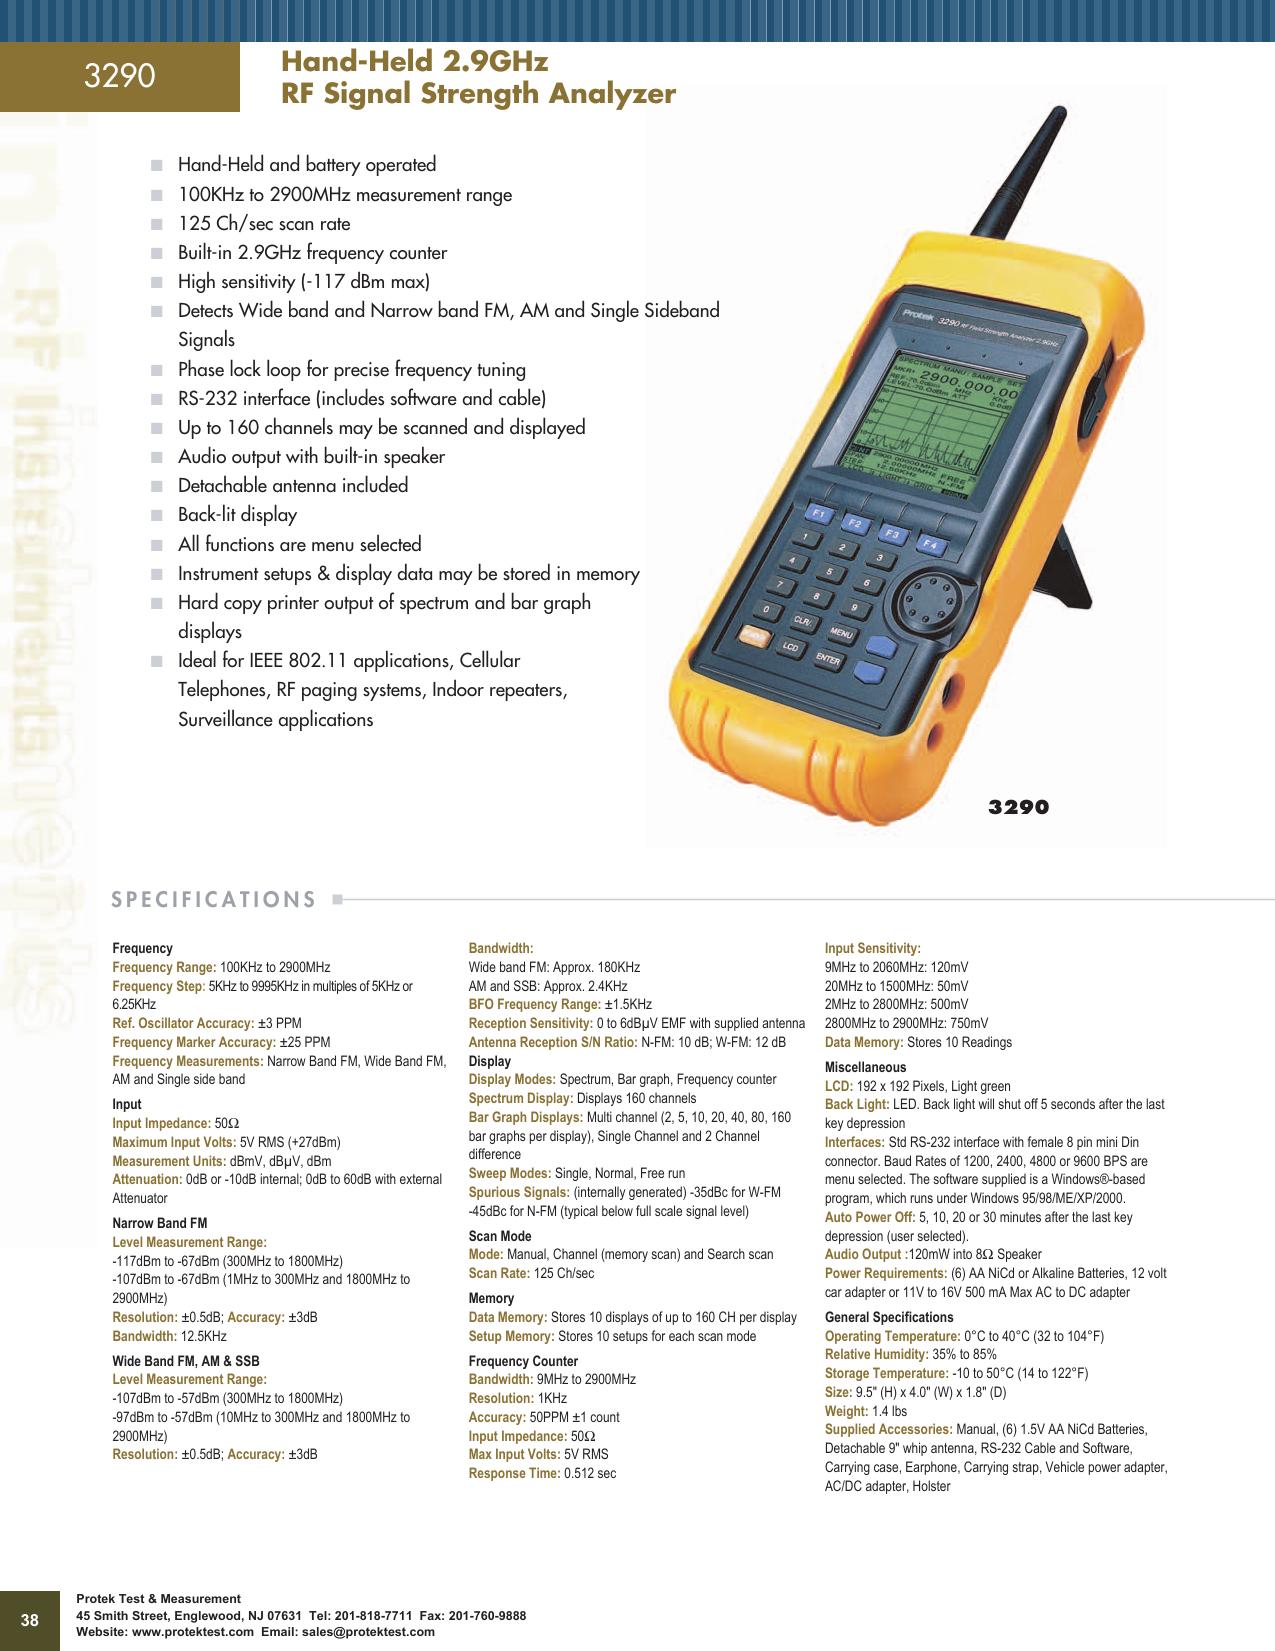 Hand-Held 2 9GHz RF Signal Strength Analyzer | manualzz com